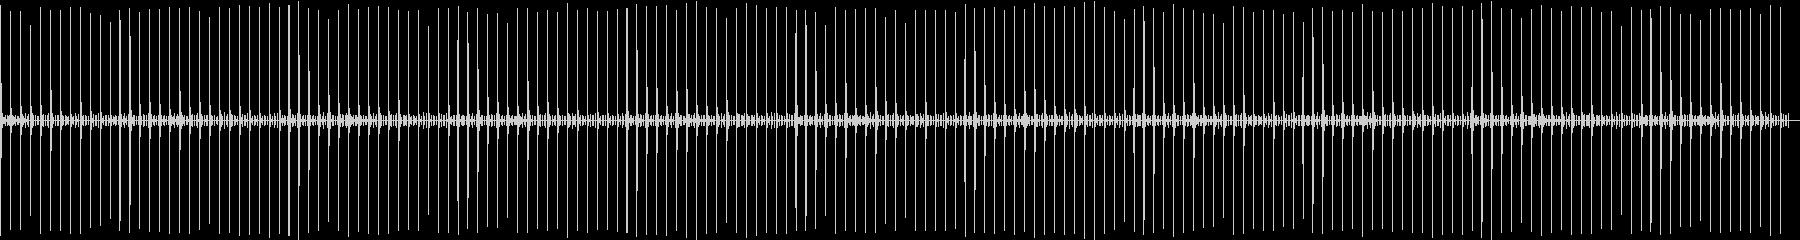 秒針エフェクト01の未再生の波形